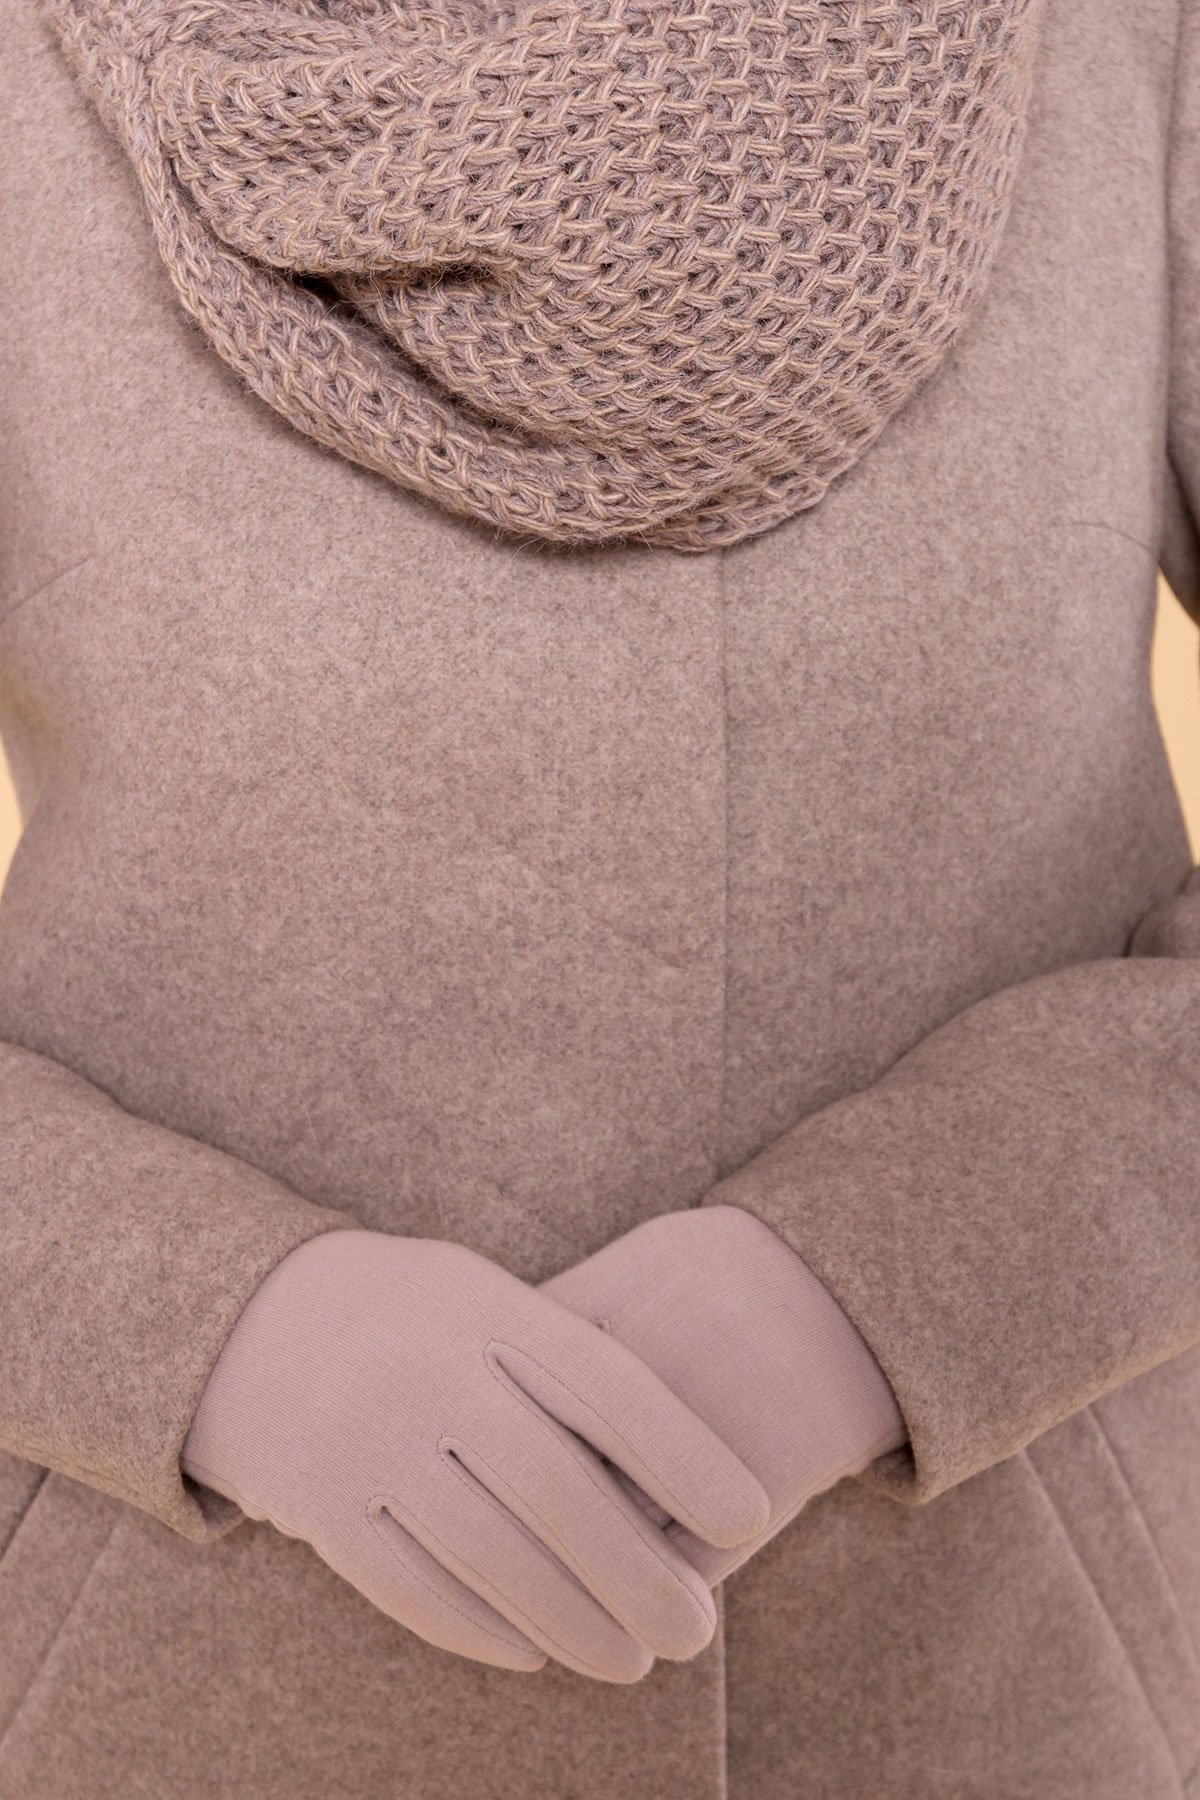 Зимнее пальто с воротником стойка Фортуна лайт 5804 АРТ. 39369 Цвет: Бежевый 10 - фото 6, интернет магазин tm-modus.ru